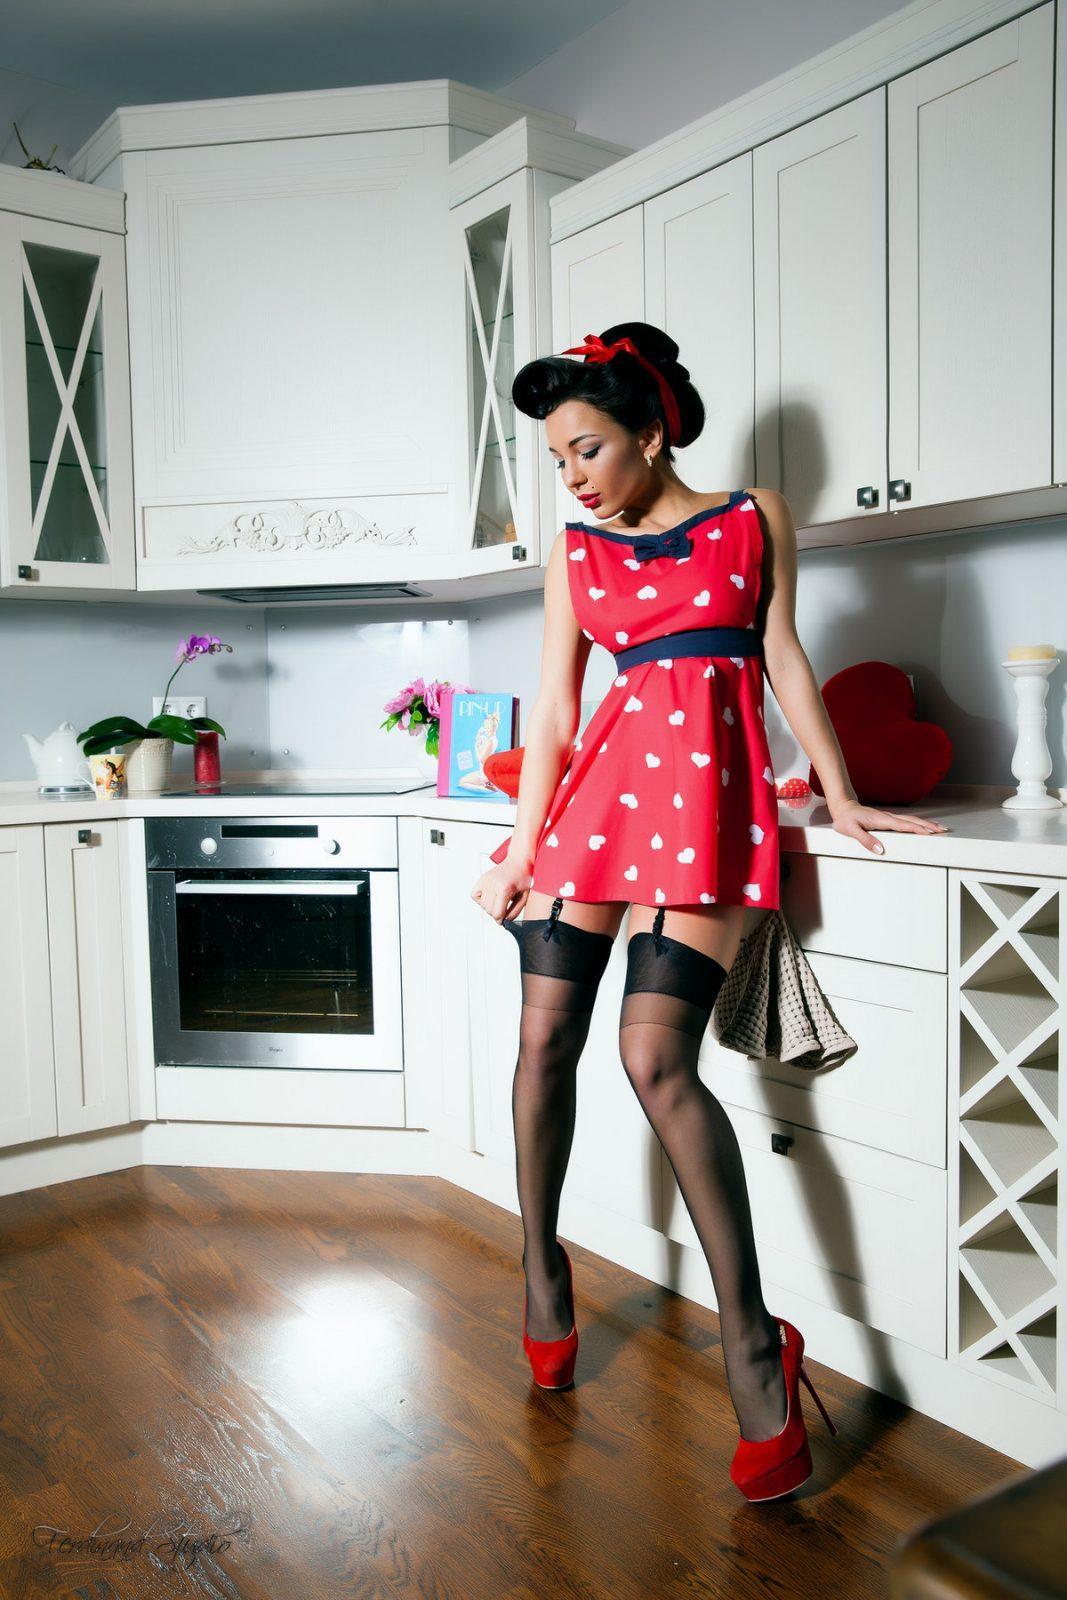 Девушки в коротких платьях и на каблуках: как вам такая подборка? 1